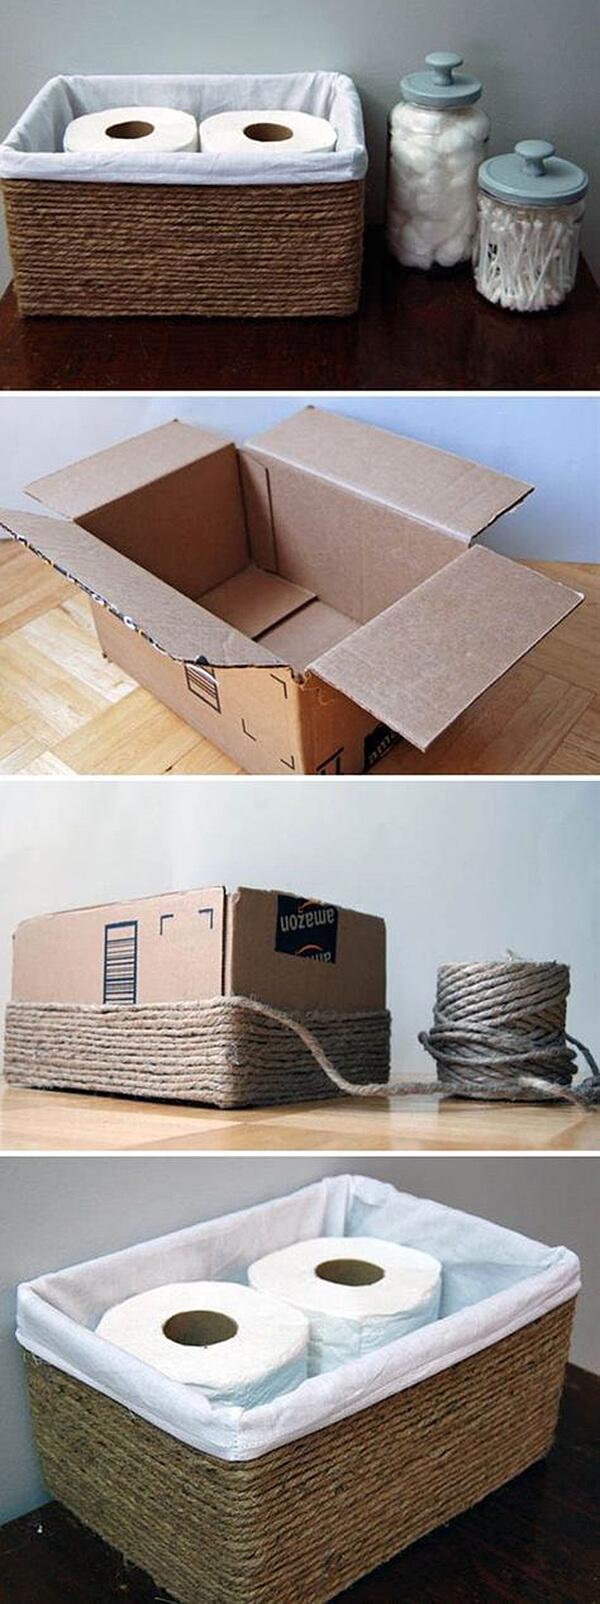 Une boîte transformée en unité de stockage